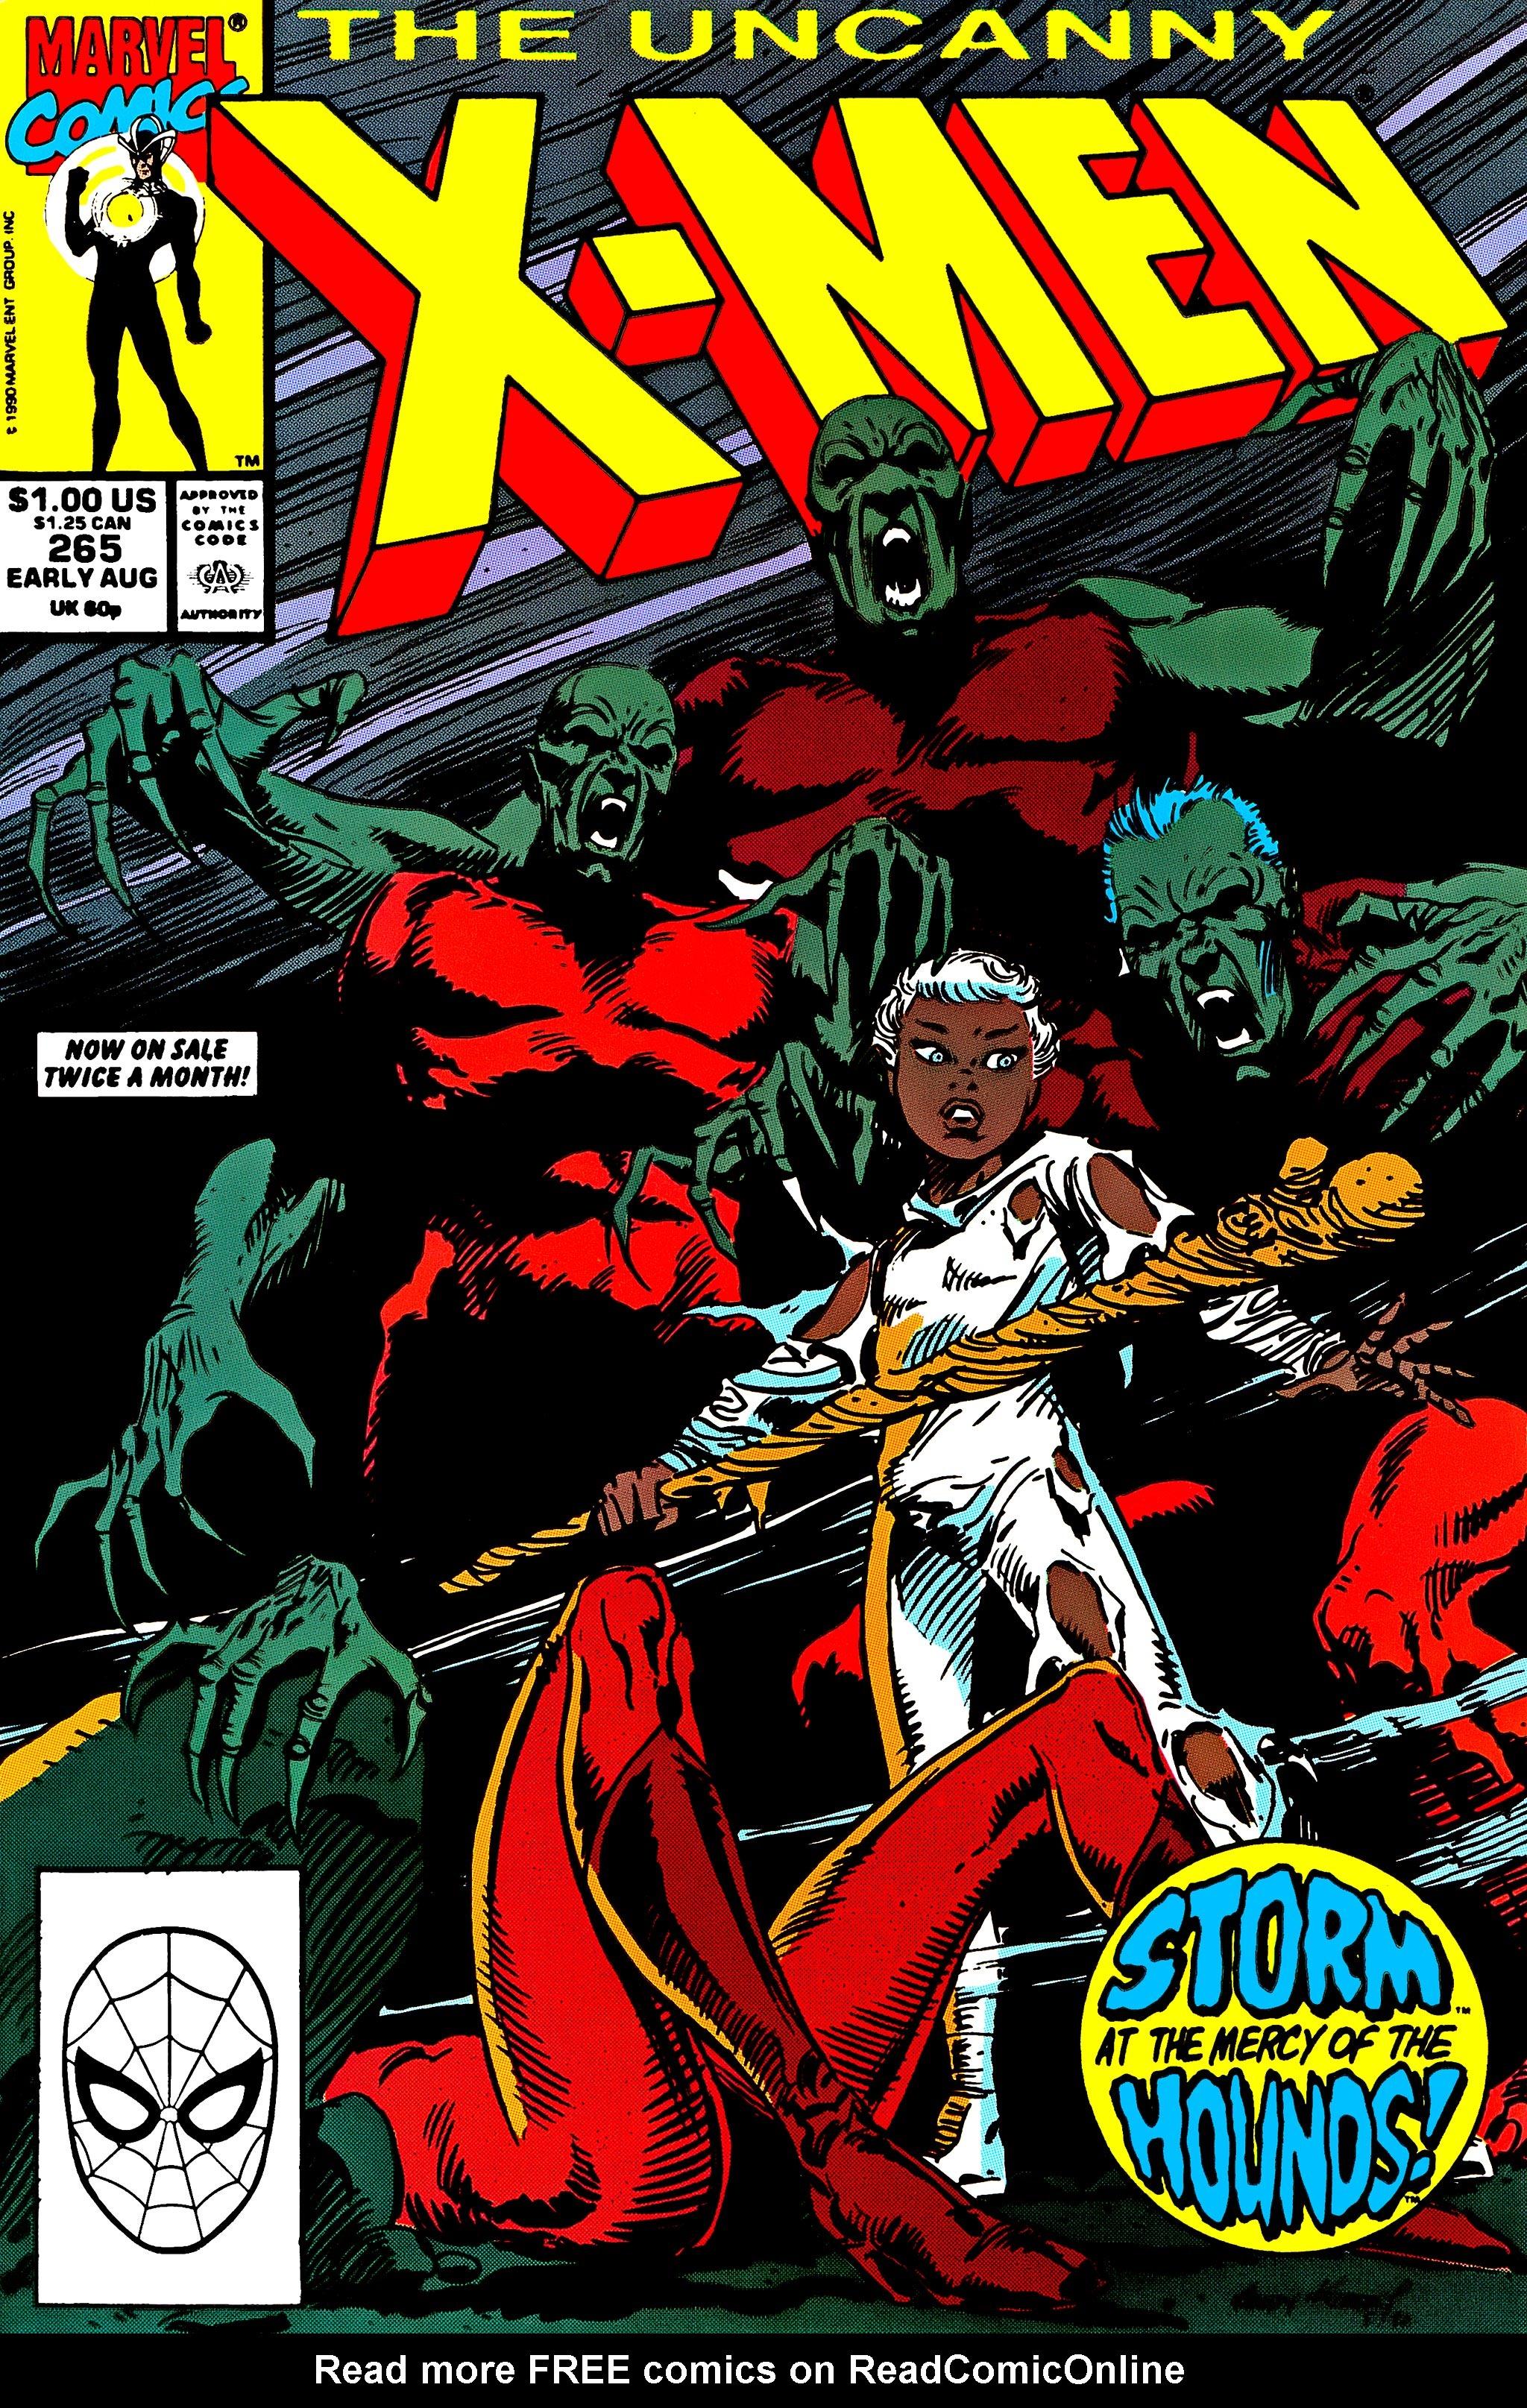 Uncanny X-Men (1963) 265 Page 1